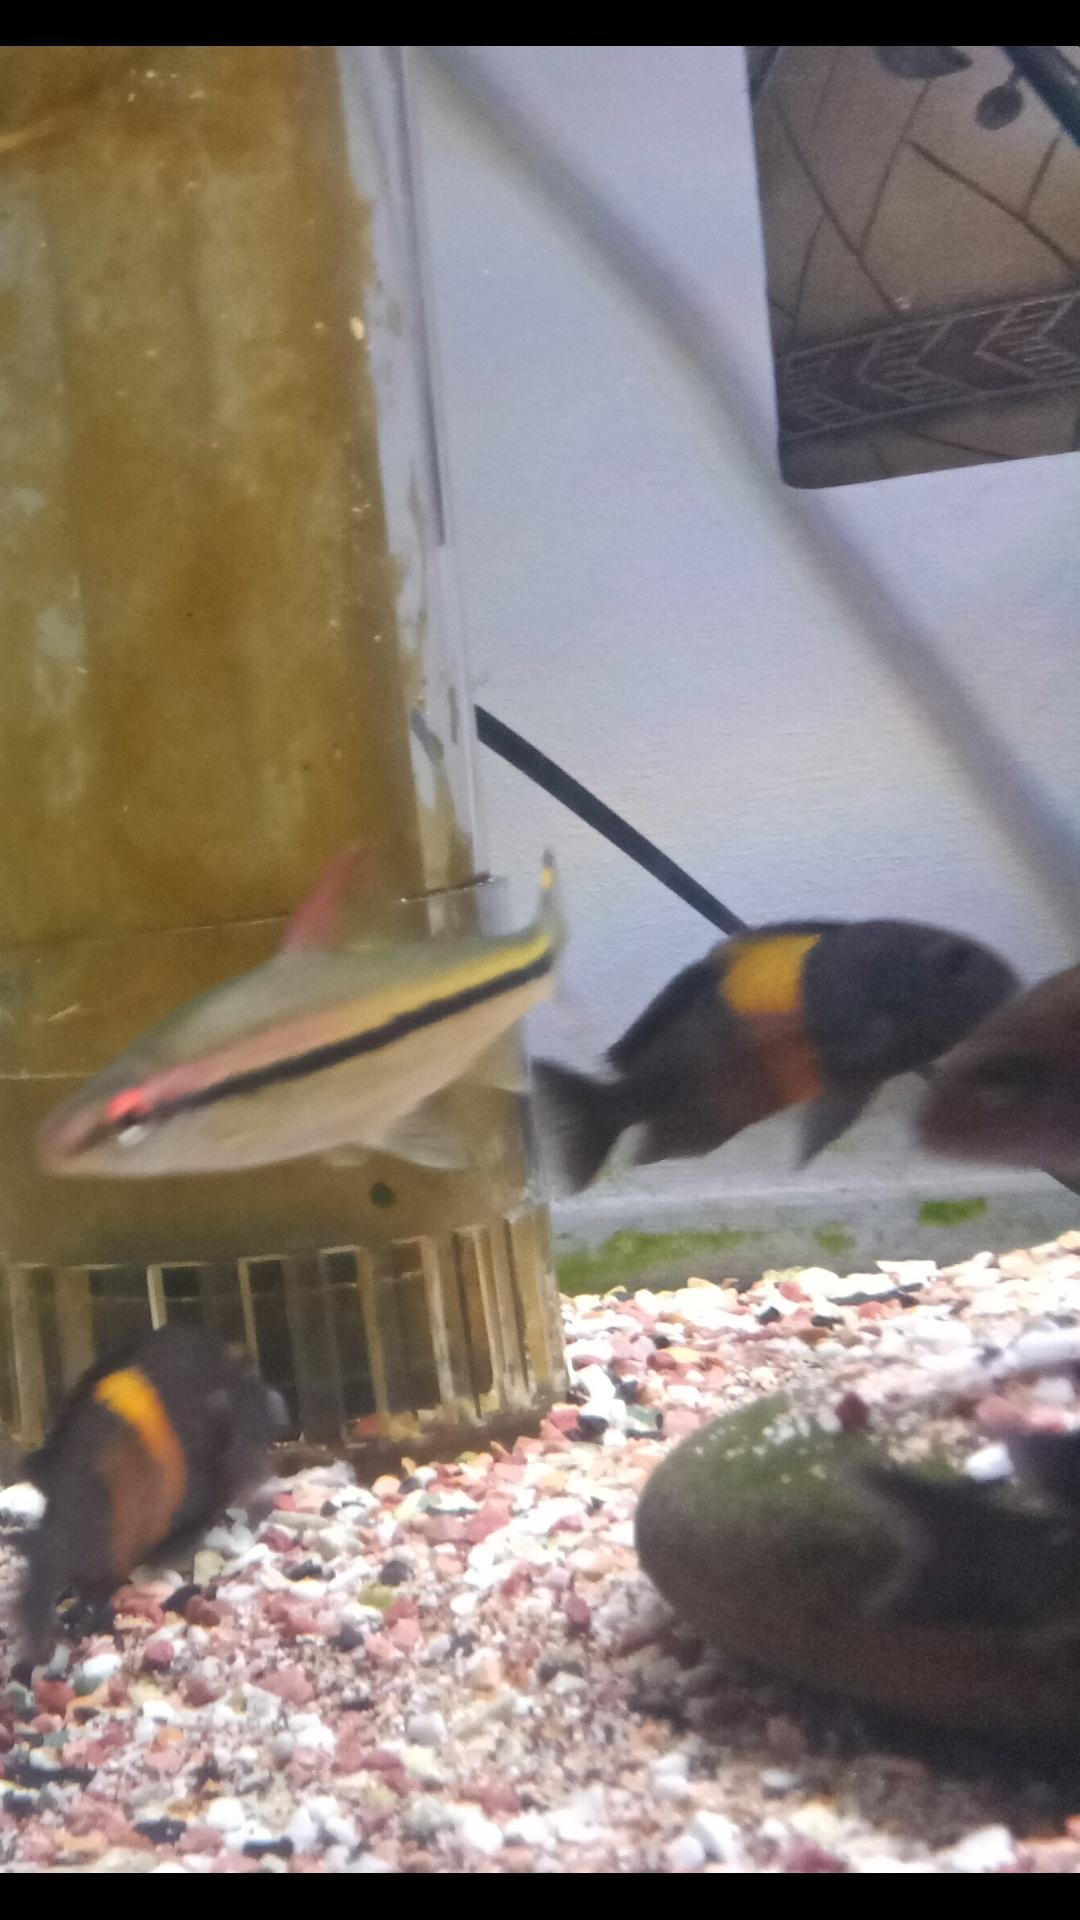 三湖慈鲷蝴蝶金间双星等等一堆 西安观赏鱼信息 西安博特第1张